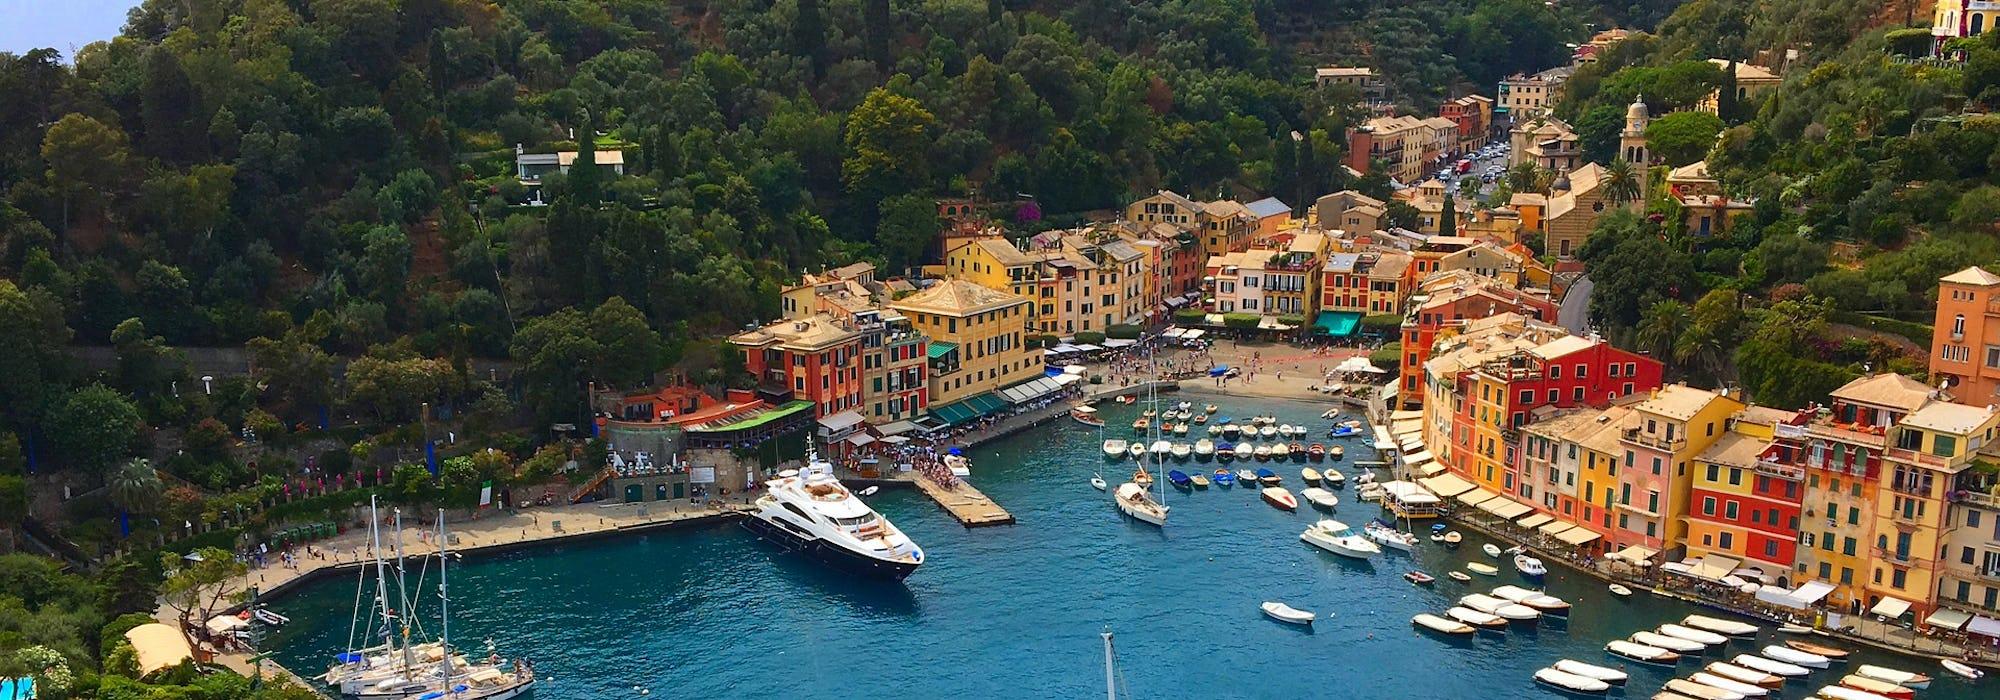 Portofinos hamn med båtar, gröna träd och färgglada hus.